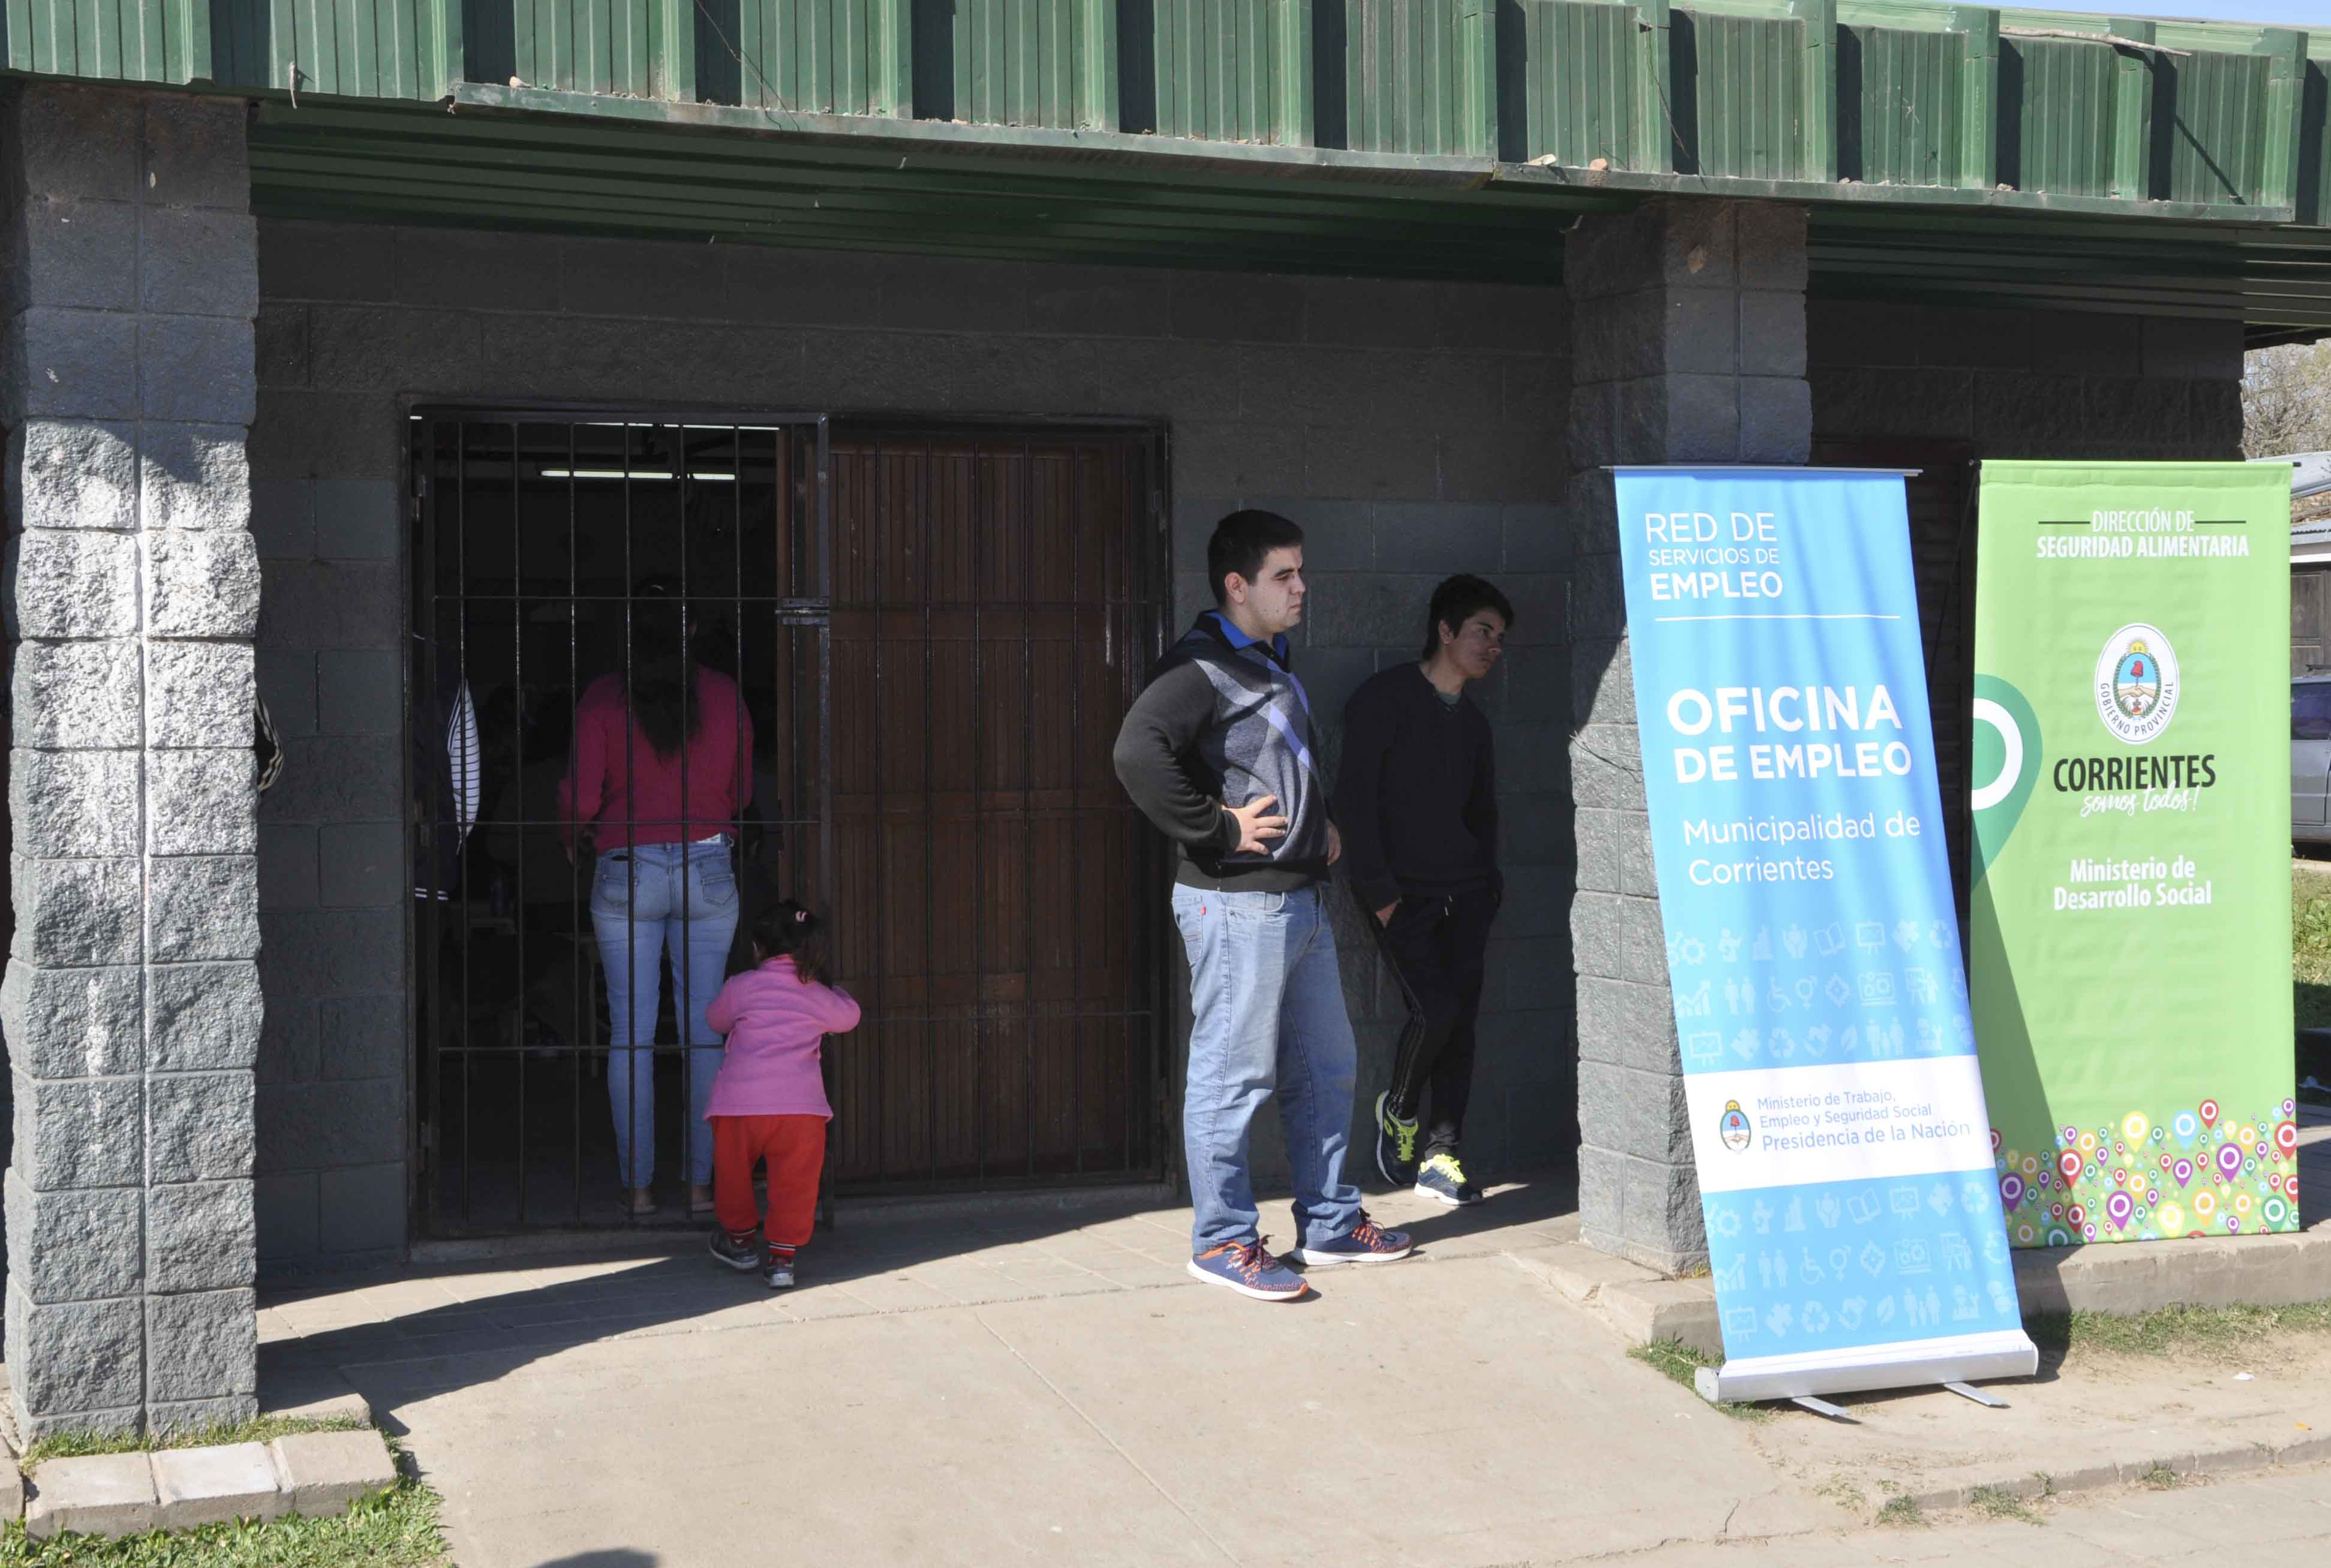 Jóvenes con Más y Mejor Trabajo en el barrio Esperanza